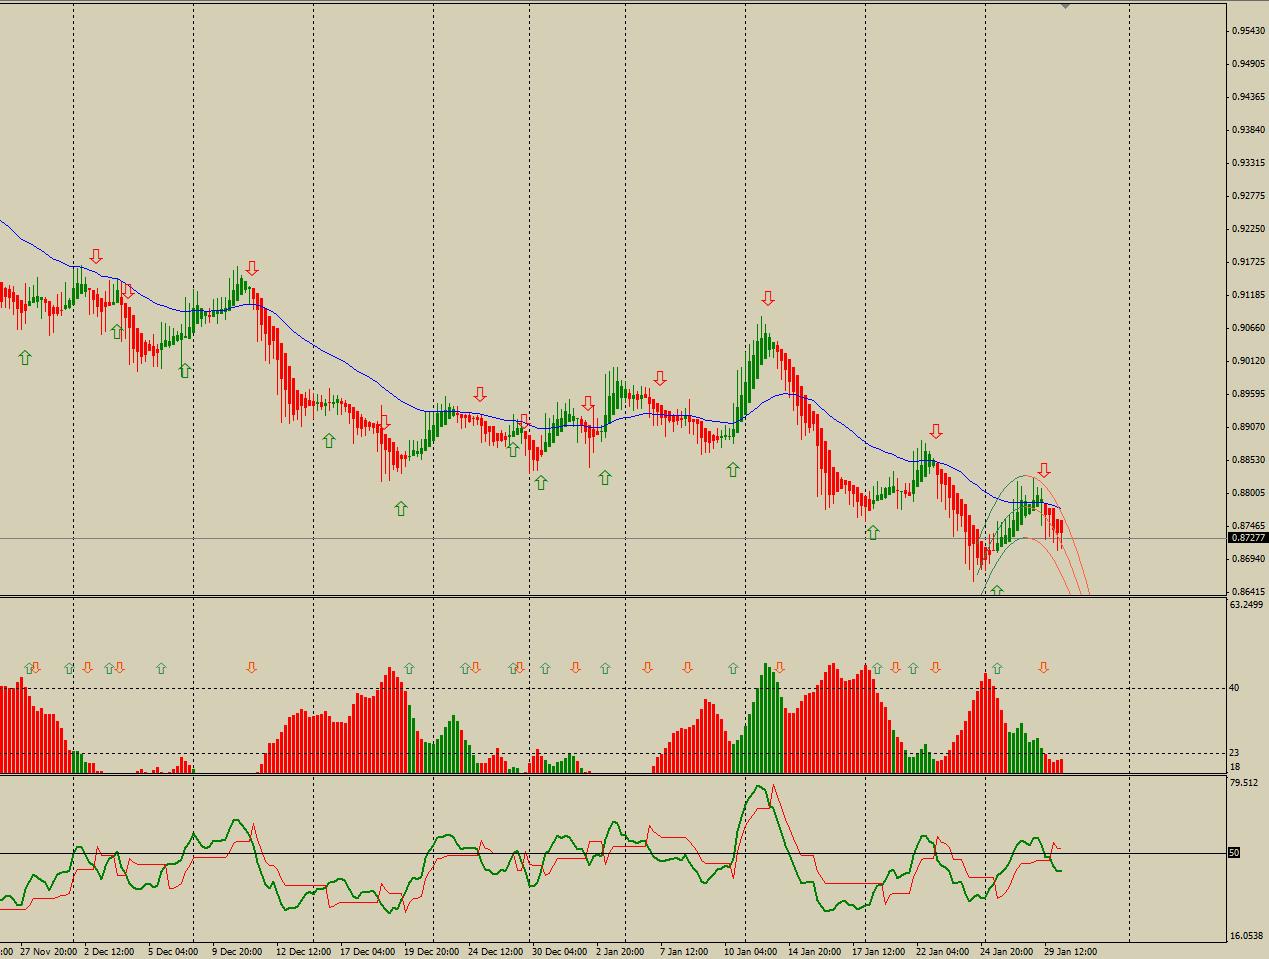 График H4 валютной пары AUDUSD